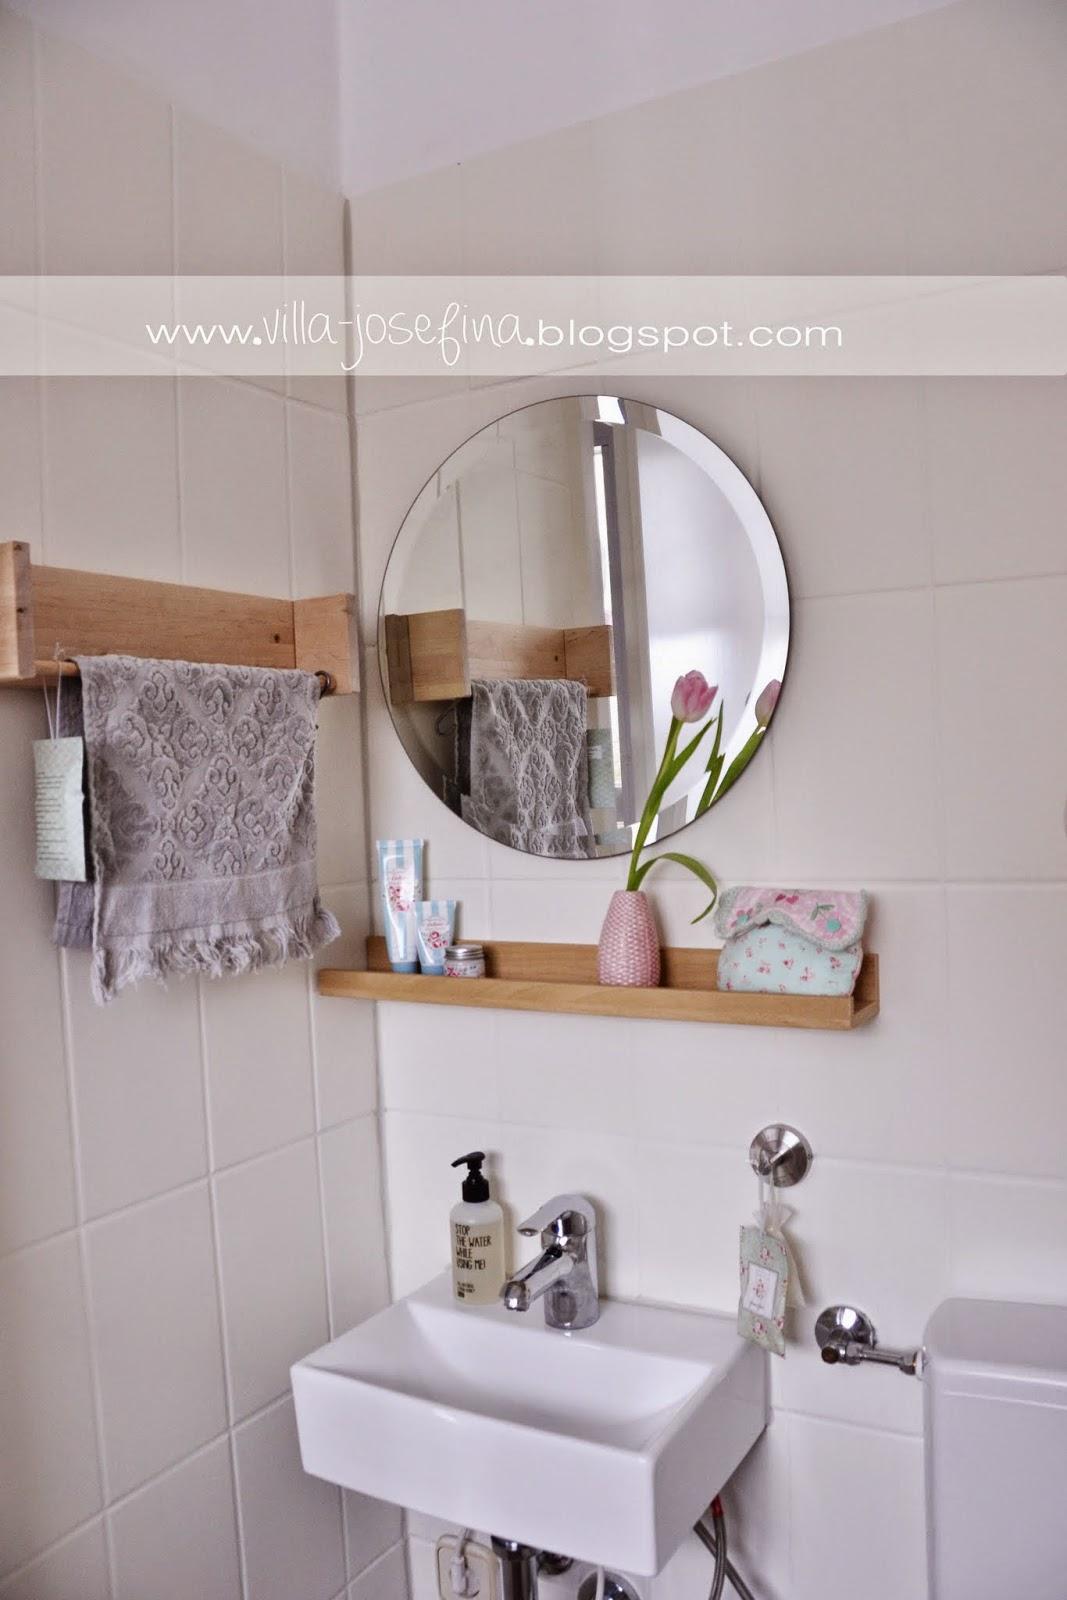 kann man fliesen streichen diy g ste wc aufh bschen villa josefina. Black Bedroom Furniture Sets. Home Design Ideas